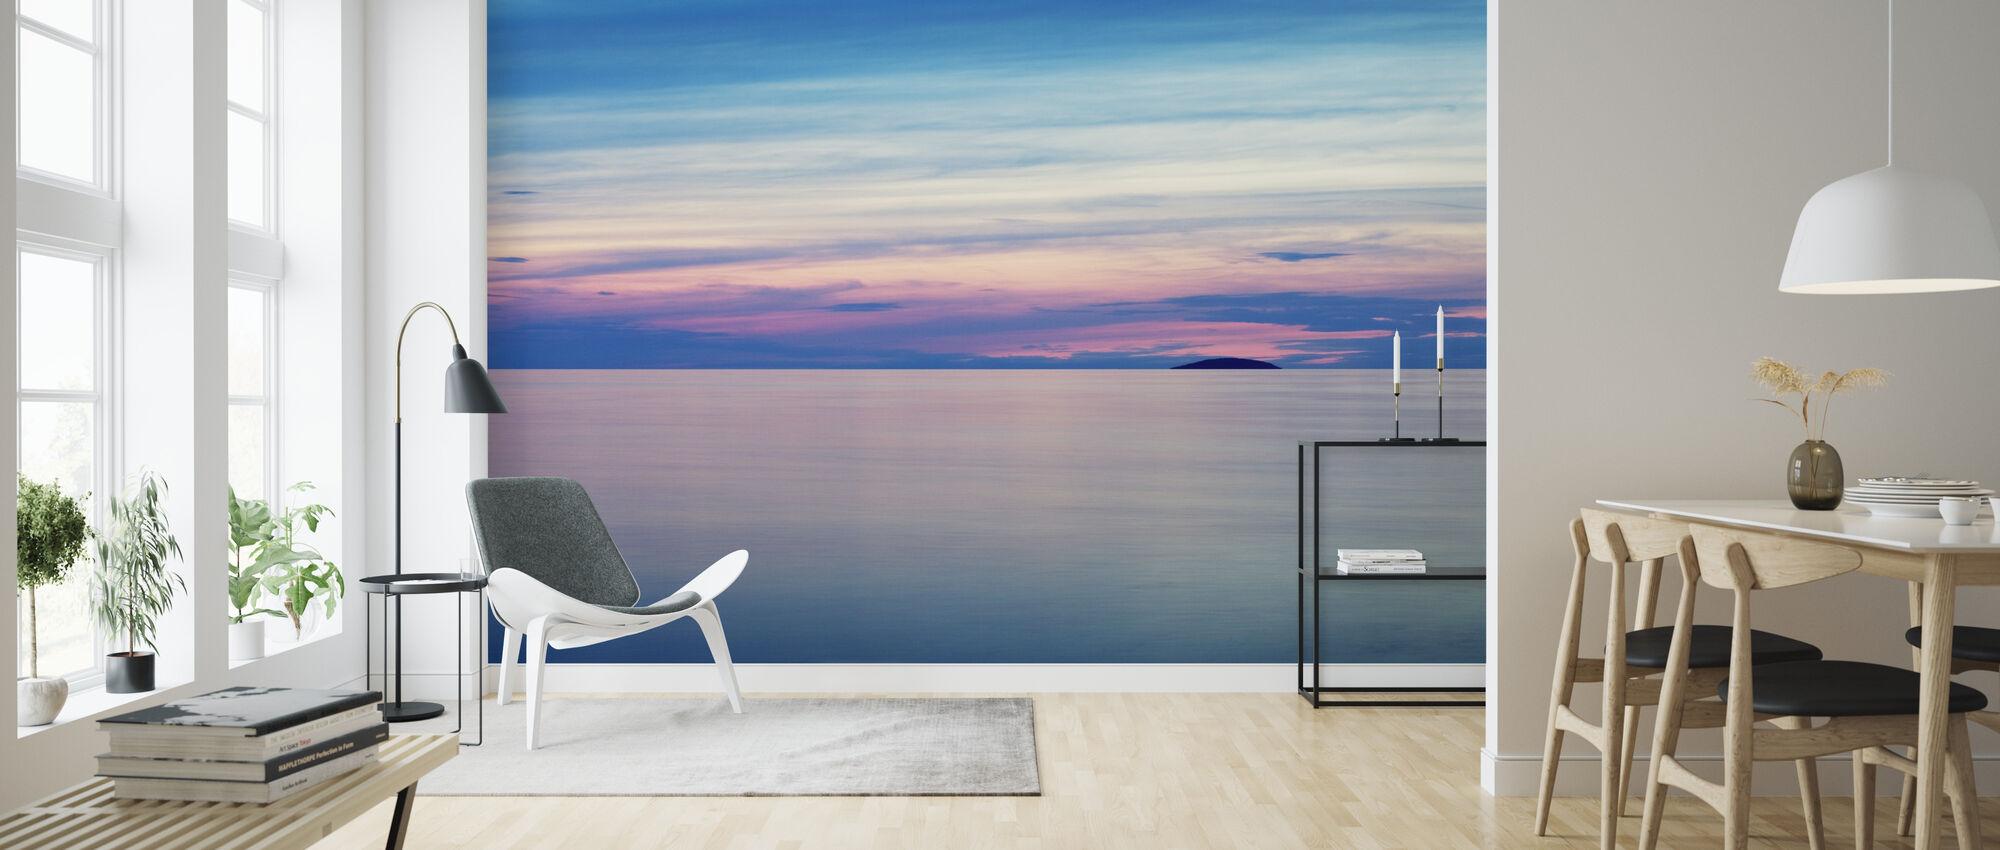 Swedish Summer Horizon, Öland - Wallpaper - Living Room